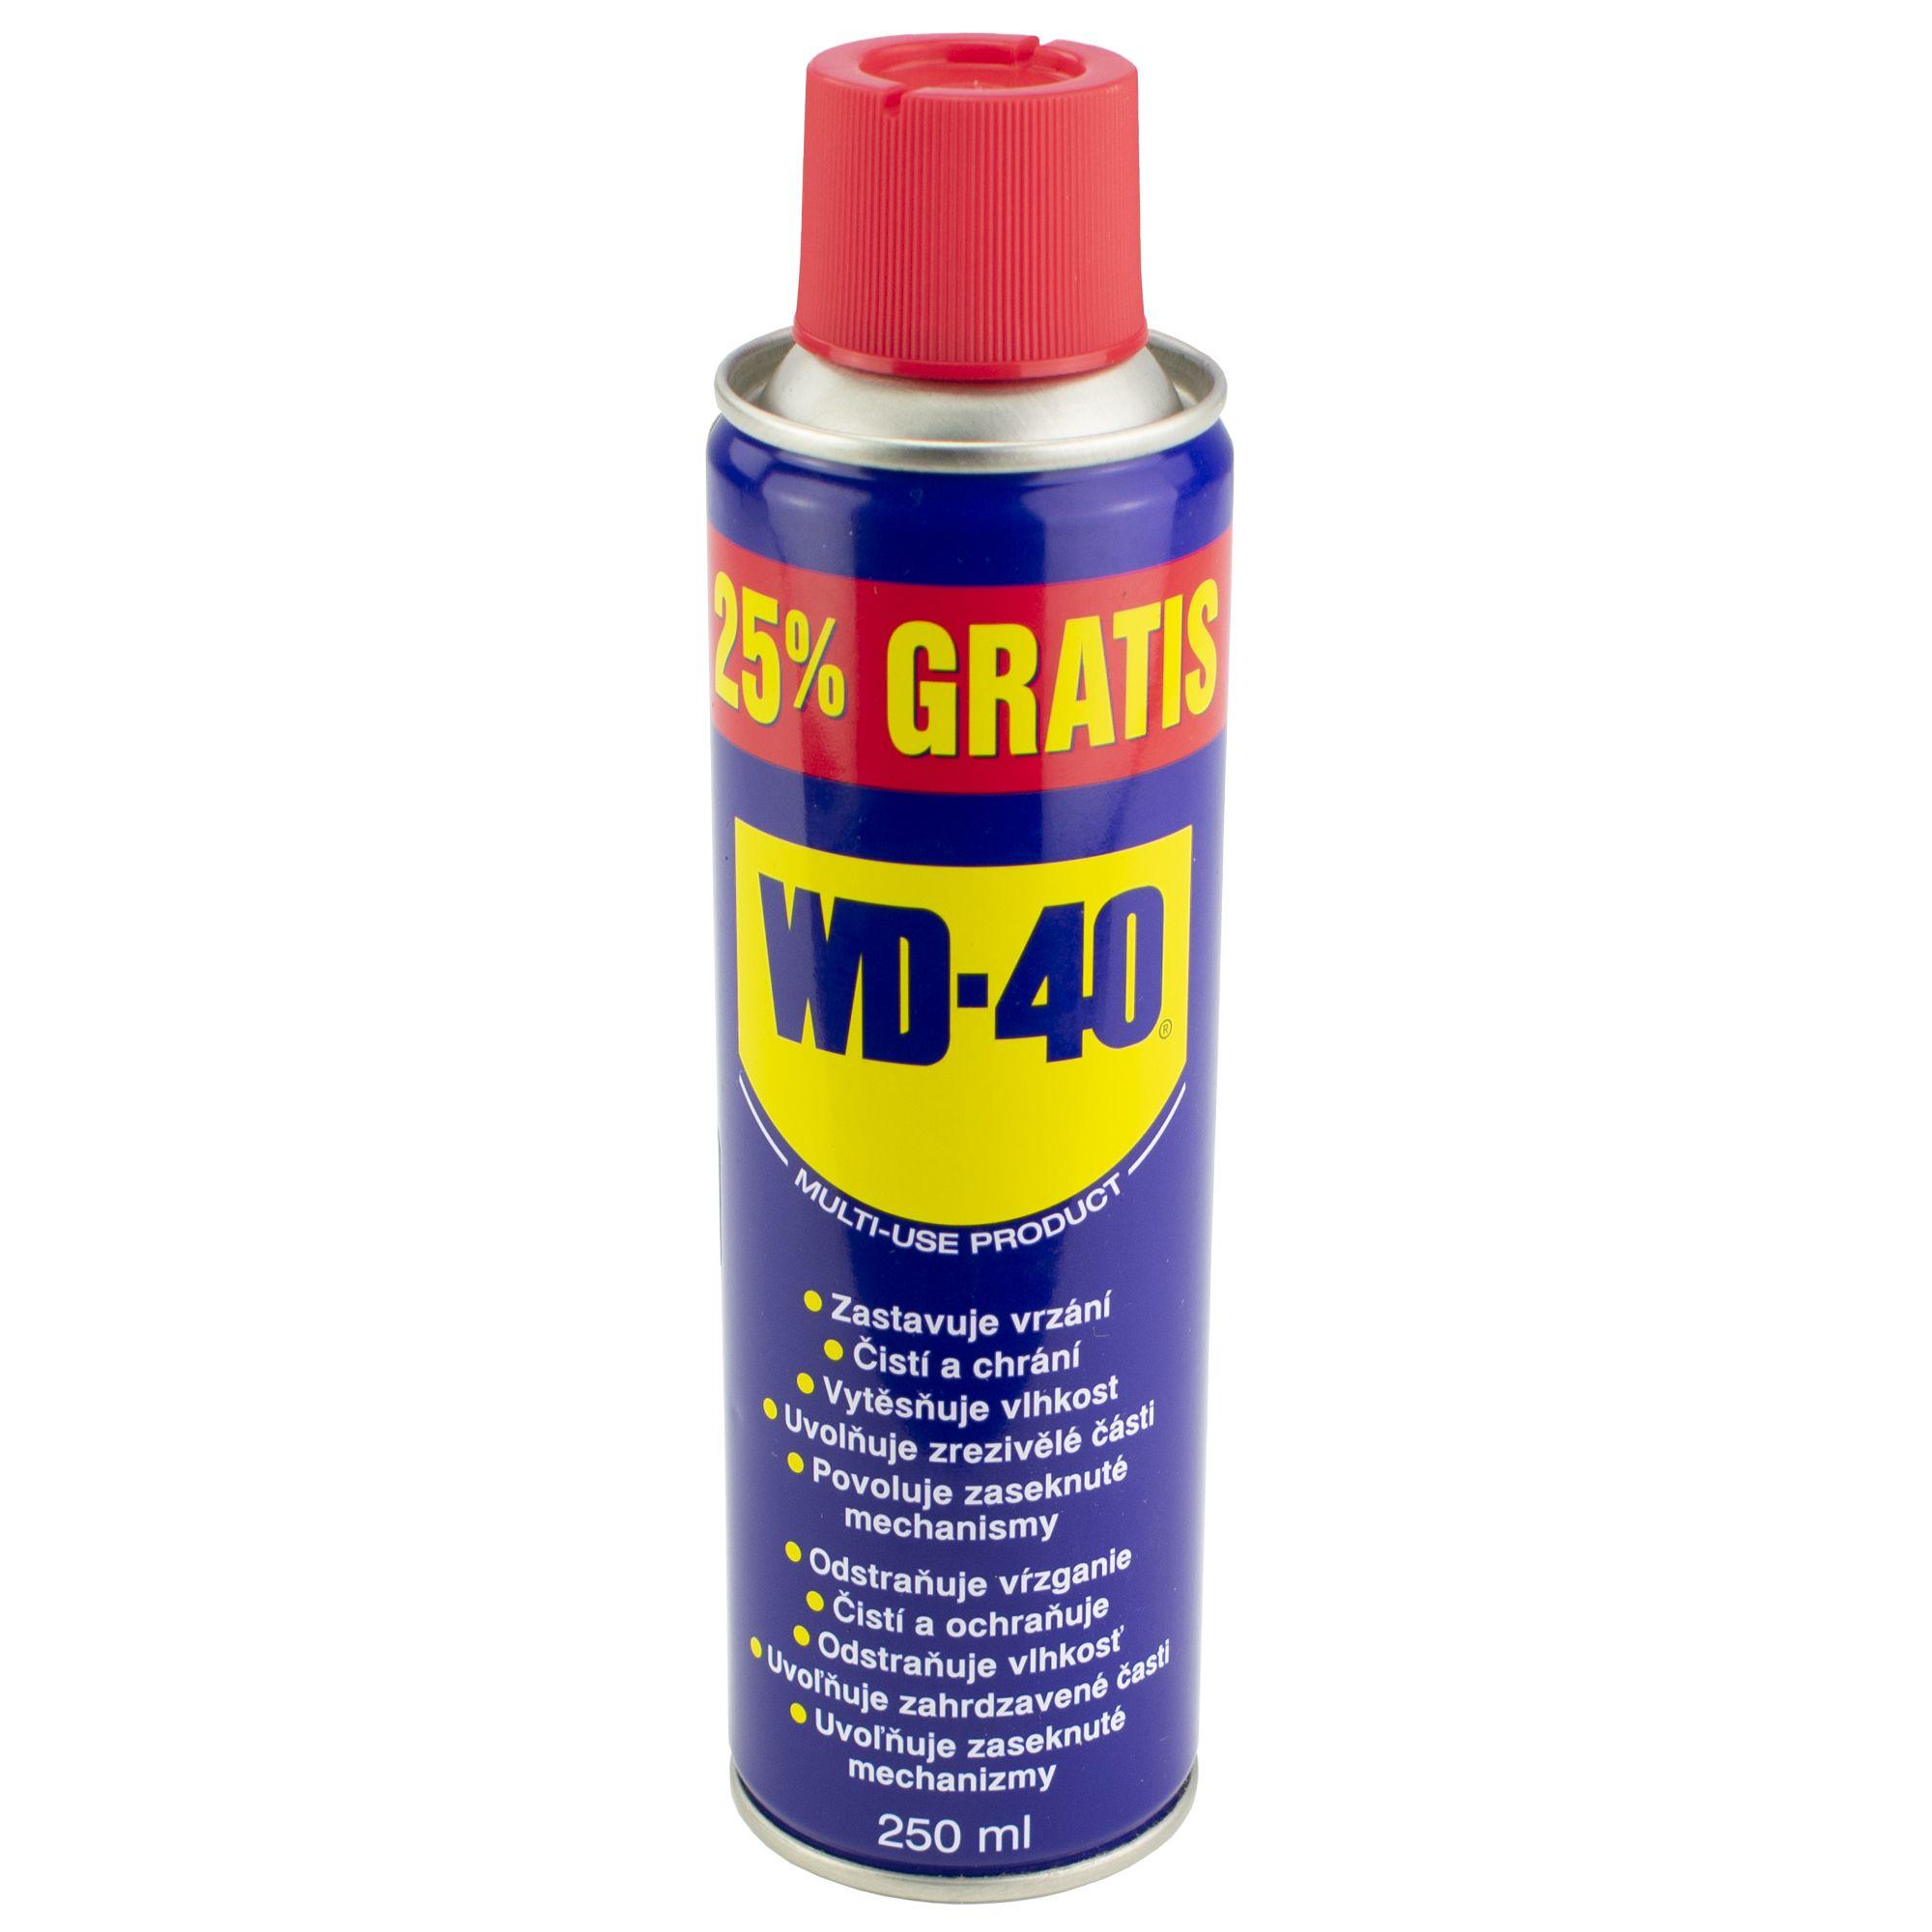 WD-40 univerzální mazací olej, objem 250ml